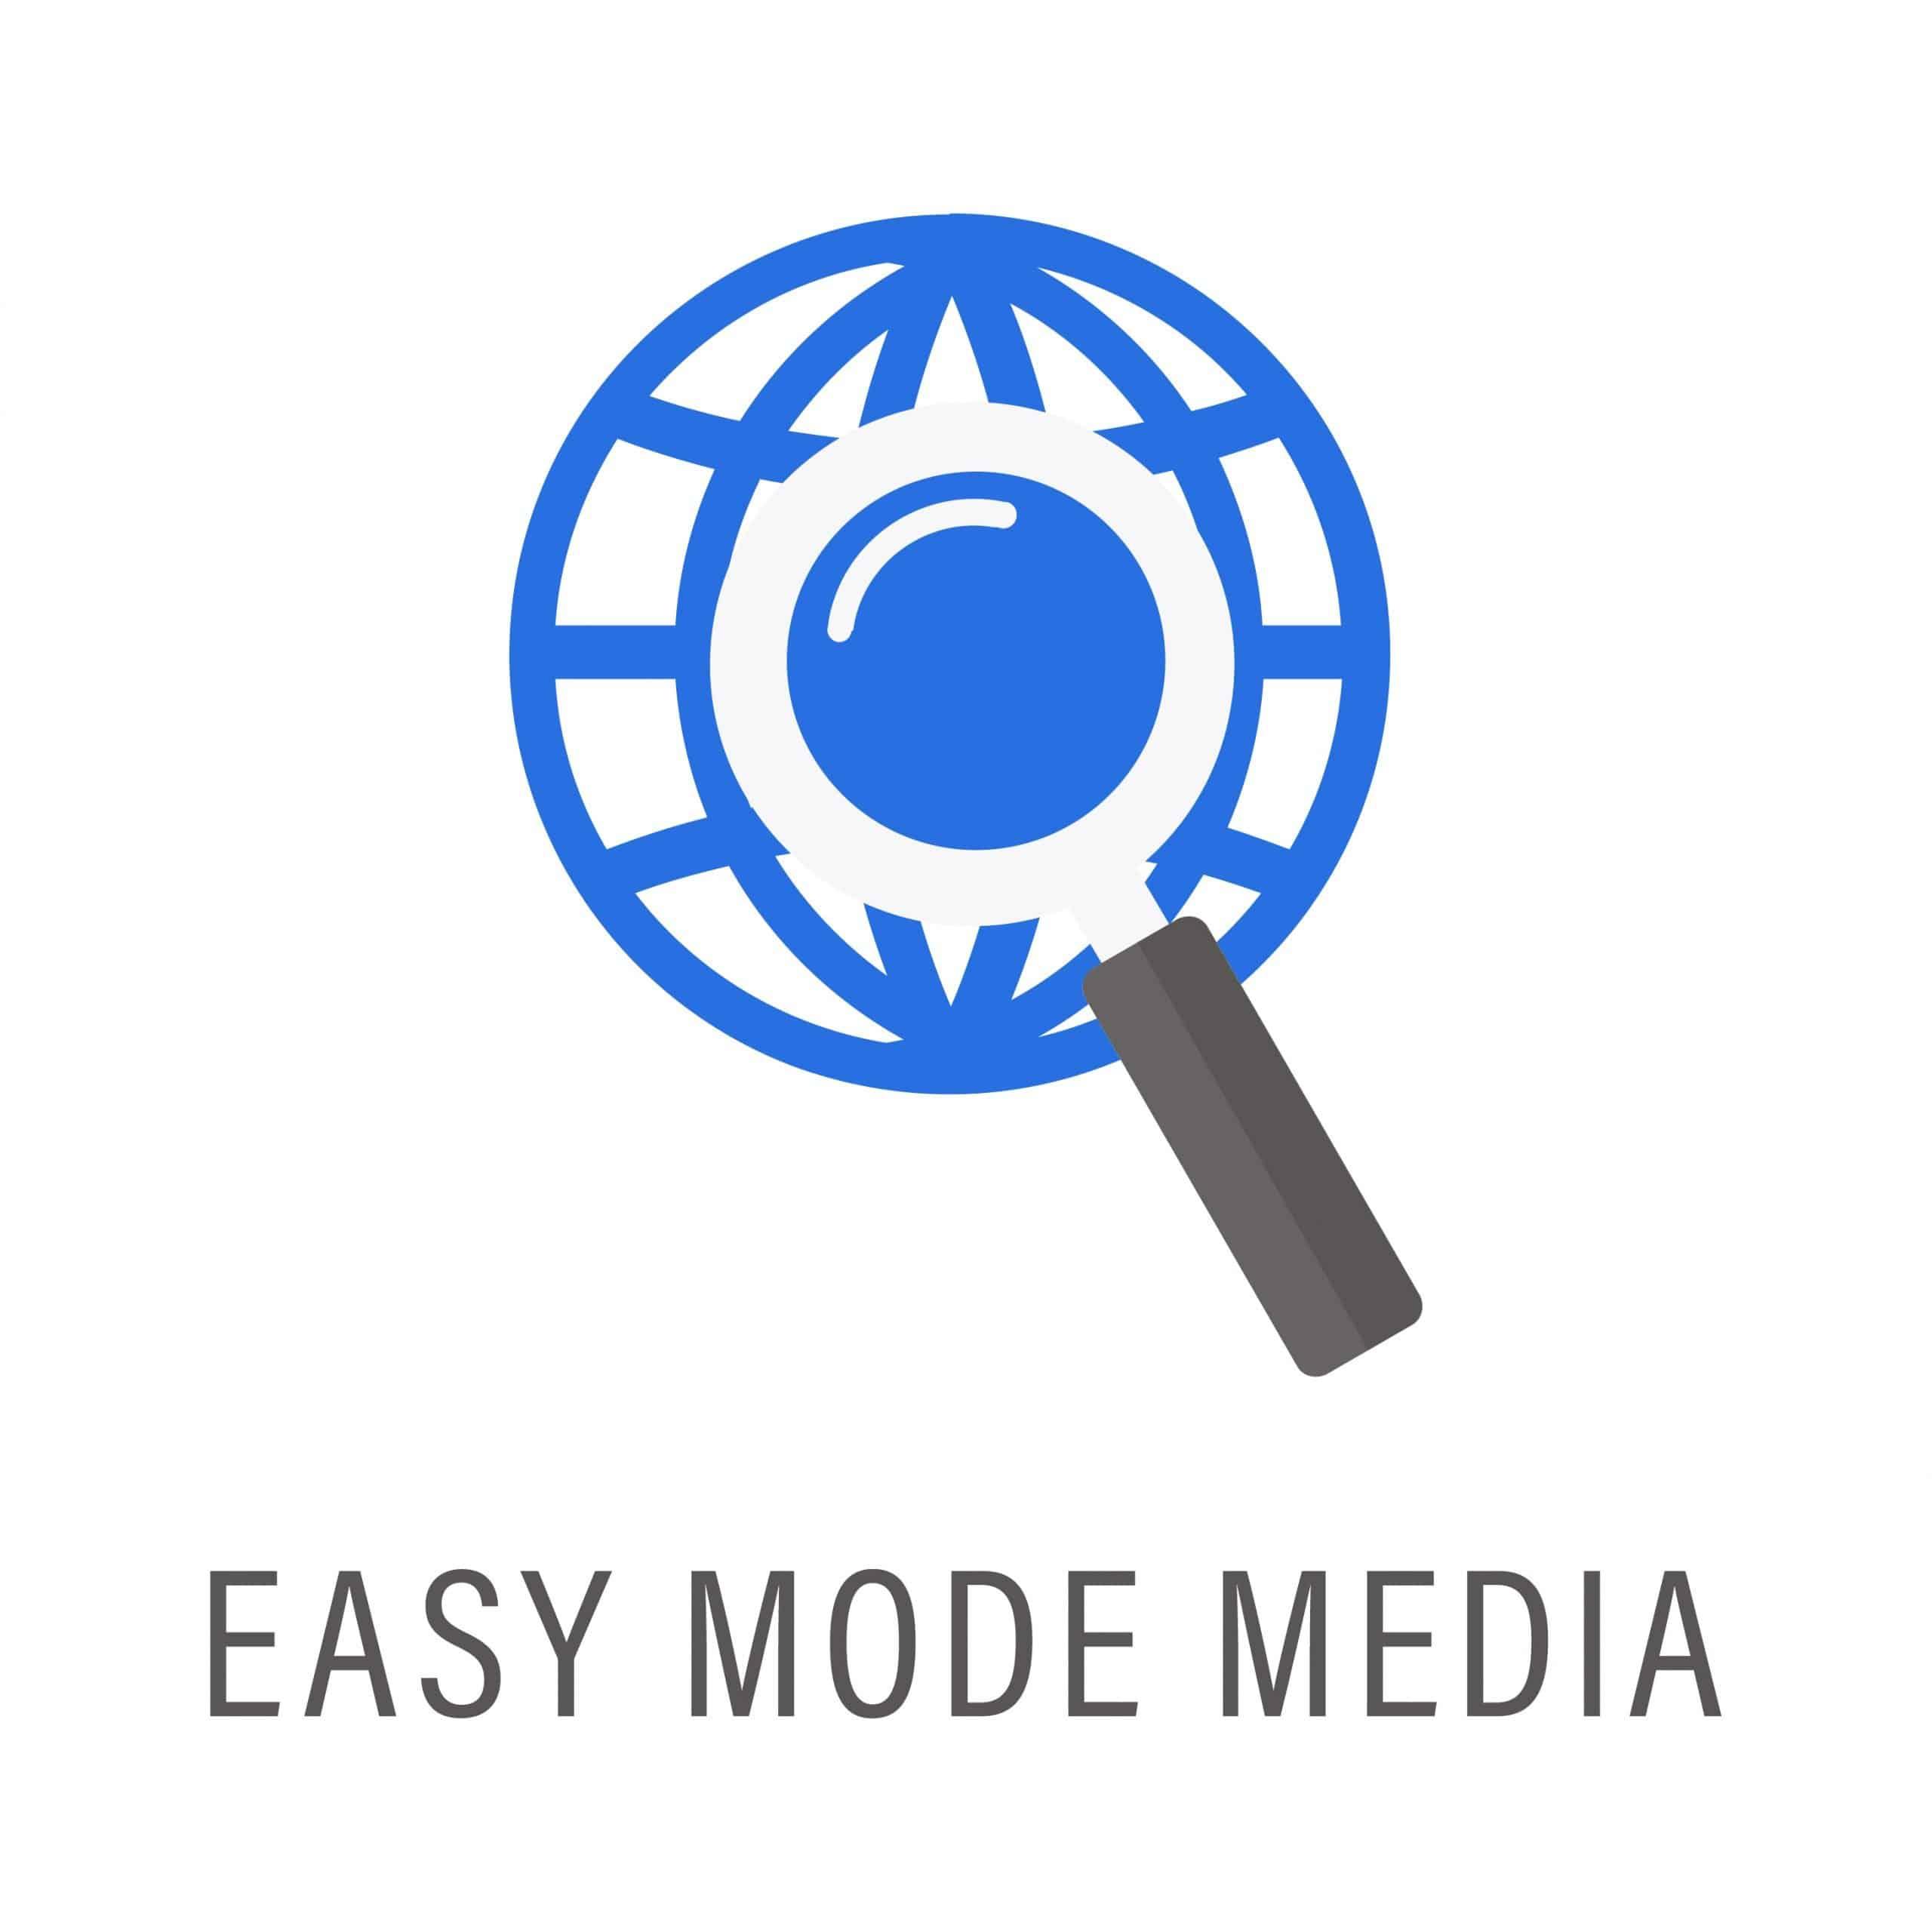 Easy Mode Media